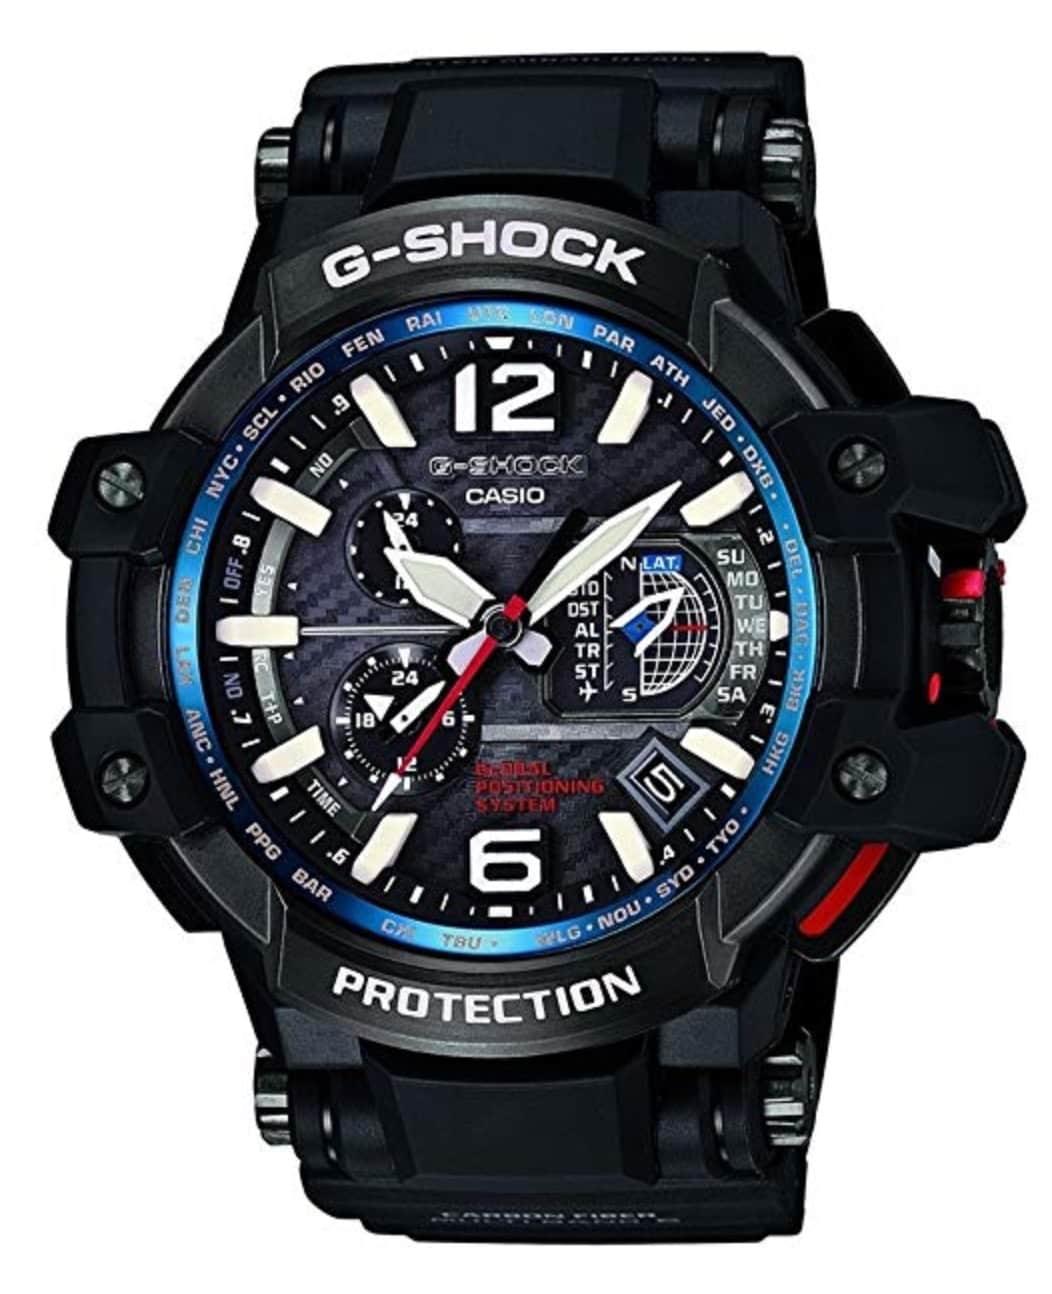 Casio G-Shock GPW-1000 Gravitymaster